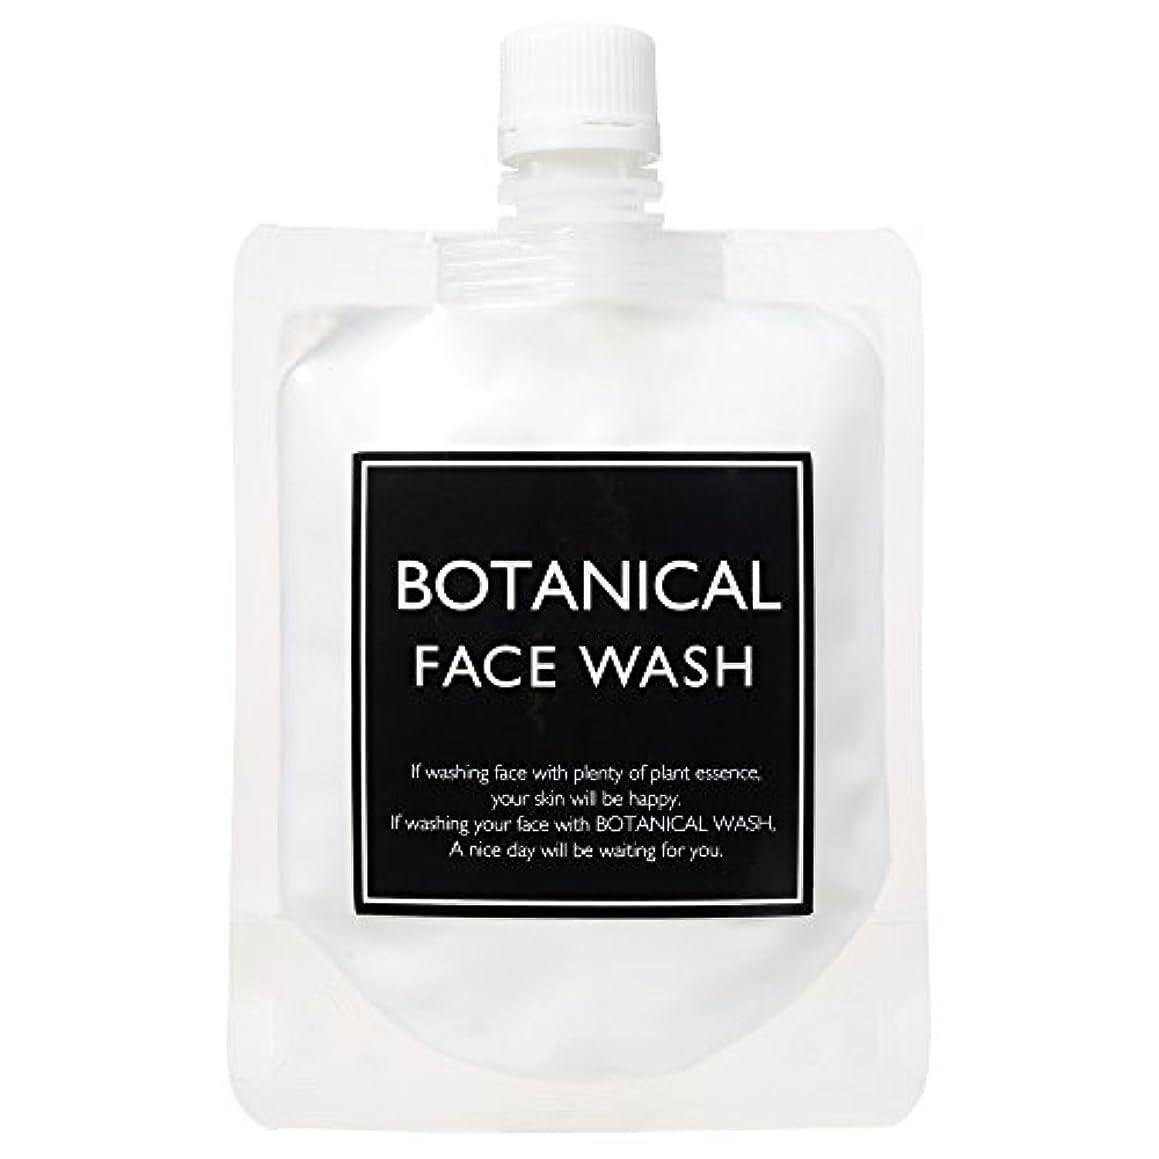 モトリー不利益風【BOTANICAL FACE WASH】 ボタニカル フェイスウォッシュ 150g 泡洗顔